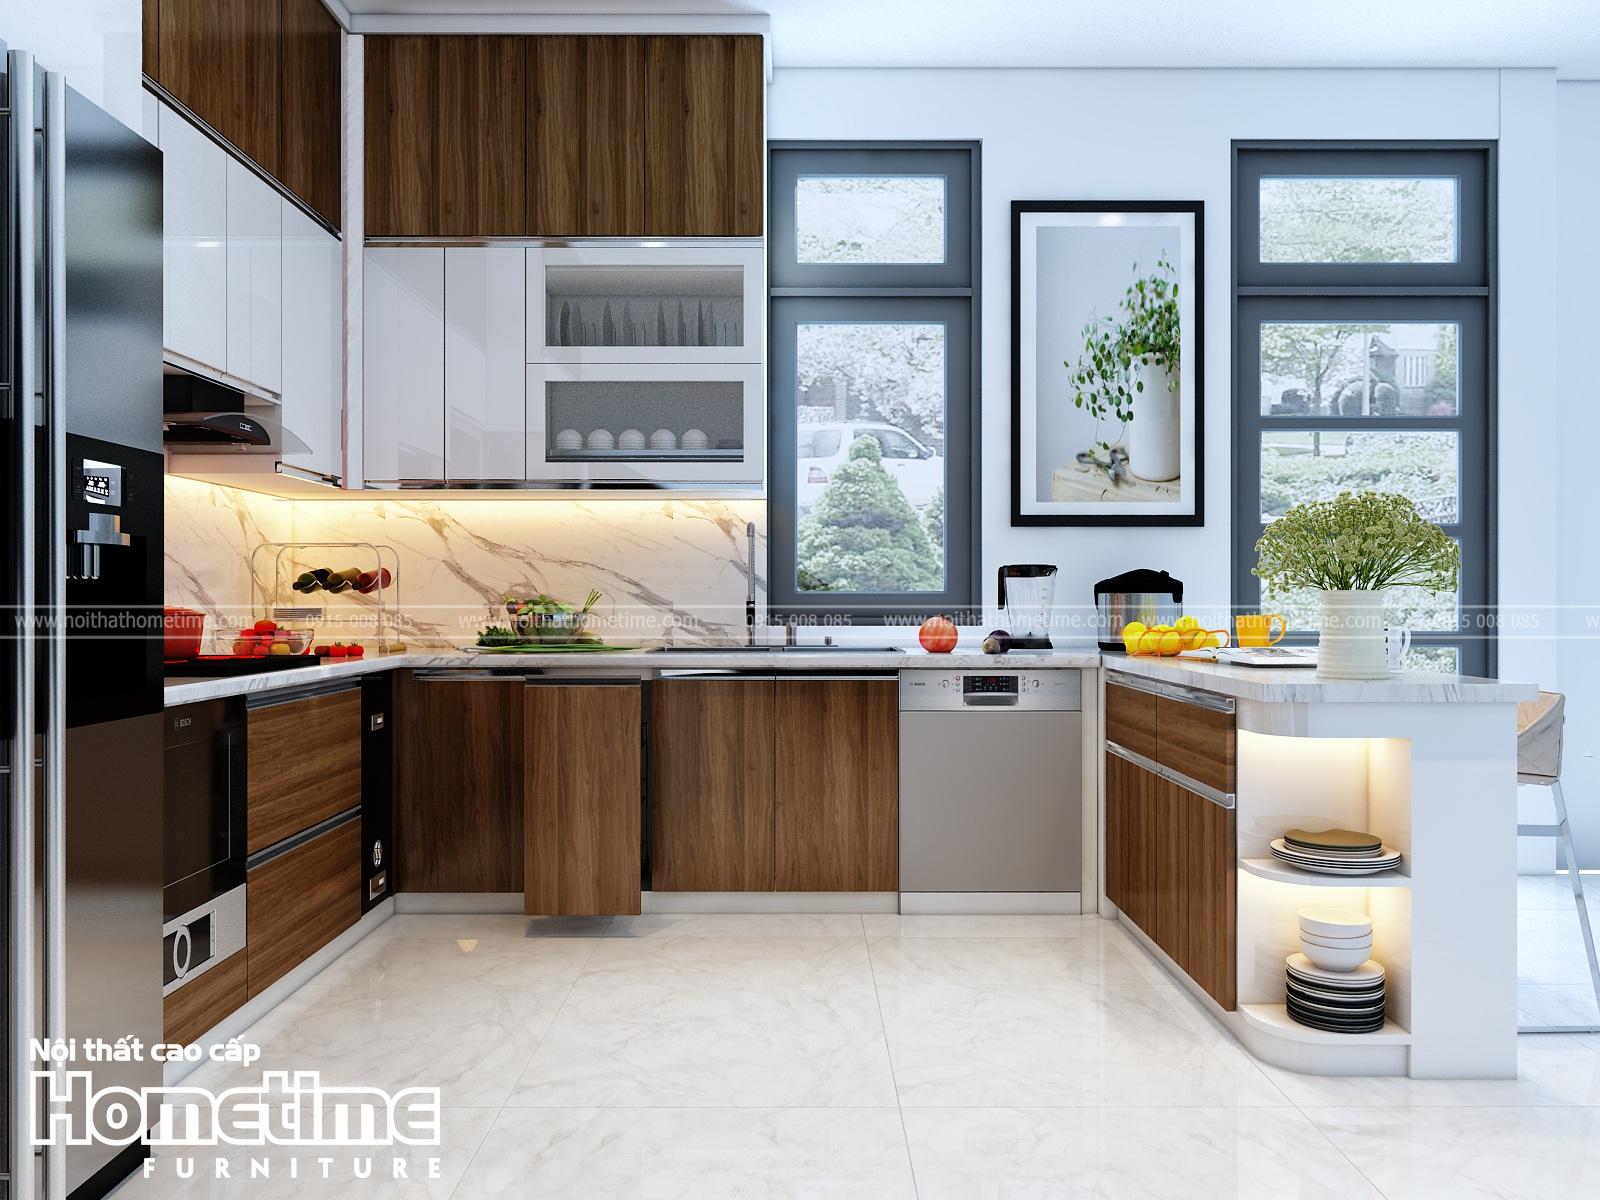 tủ bếp nhựa cao cấp phủ laminate kết hợp phủ acrylic bóng tráng giương